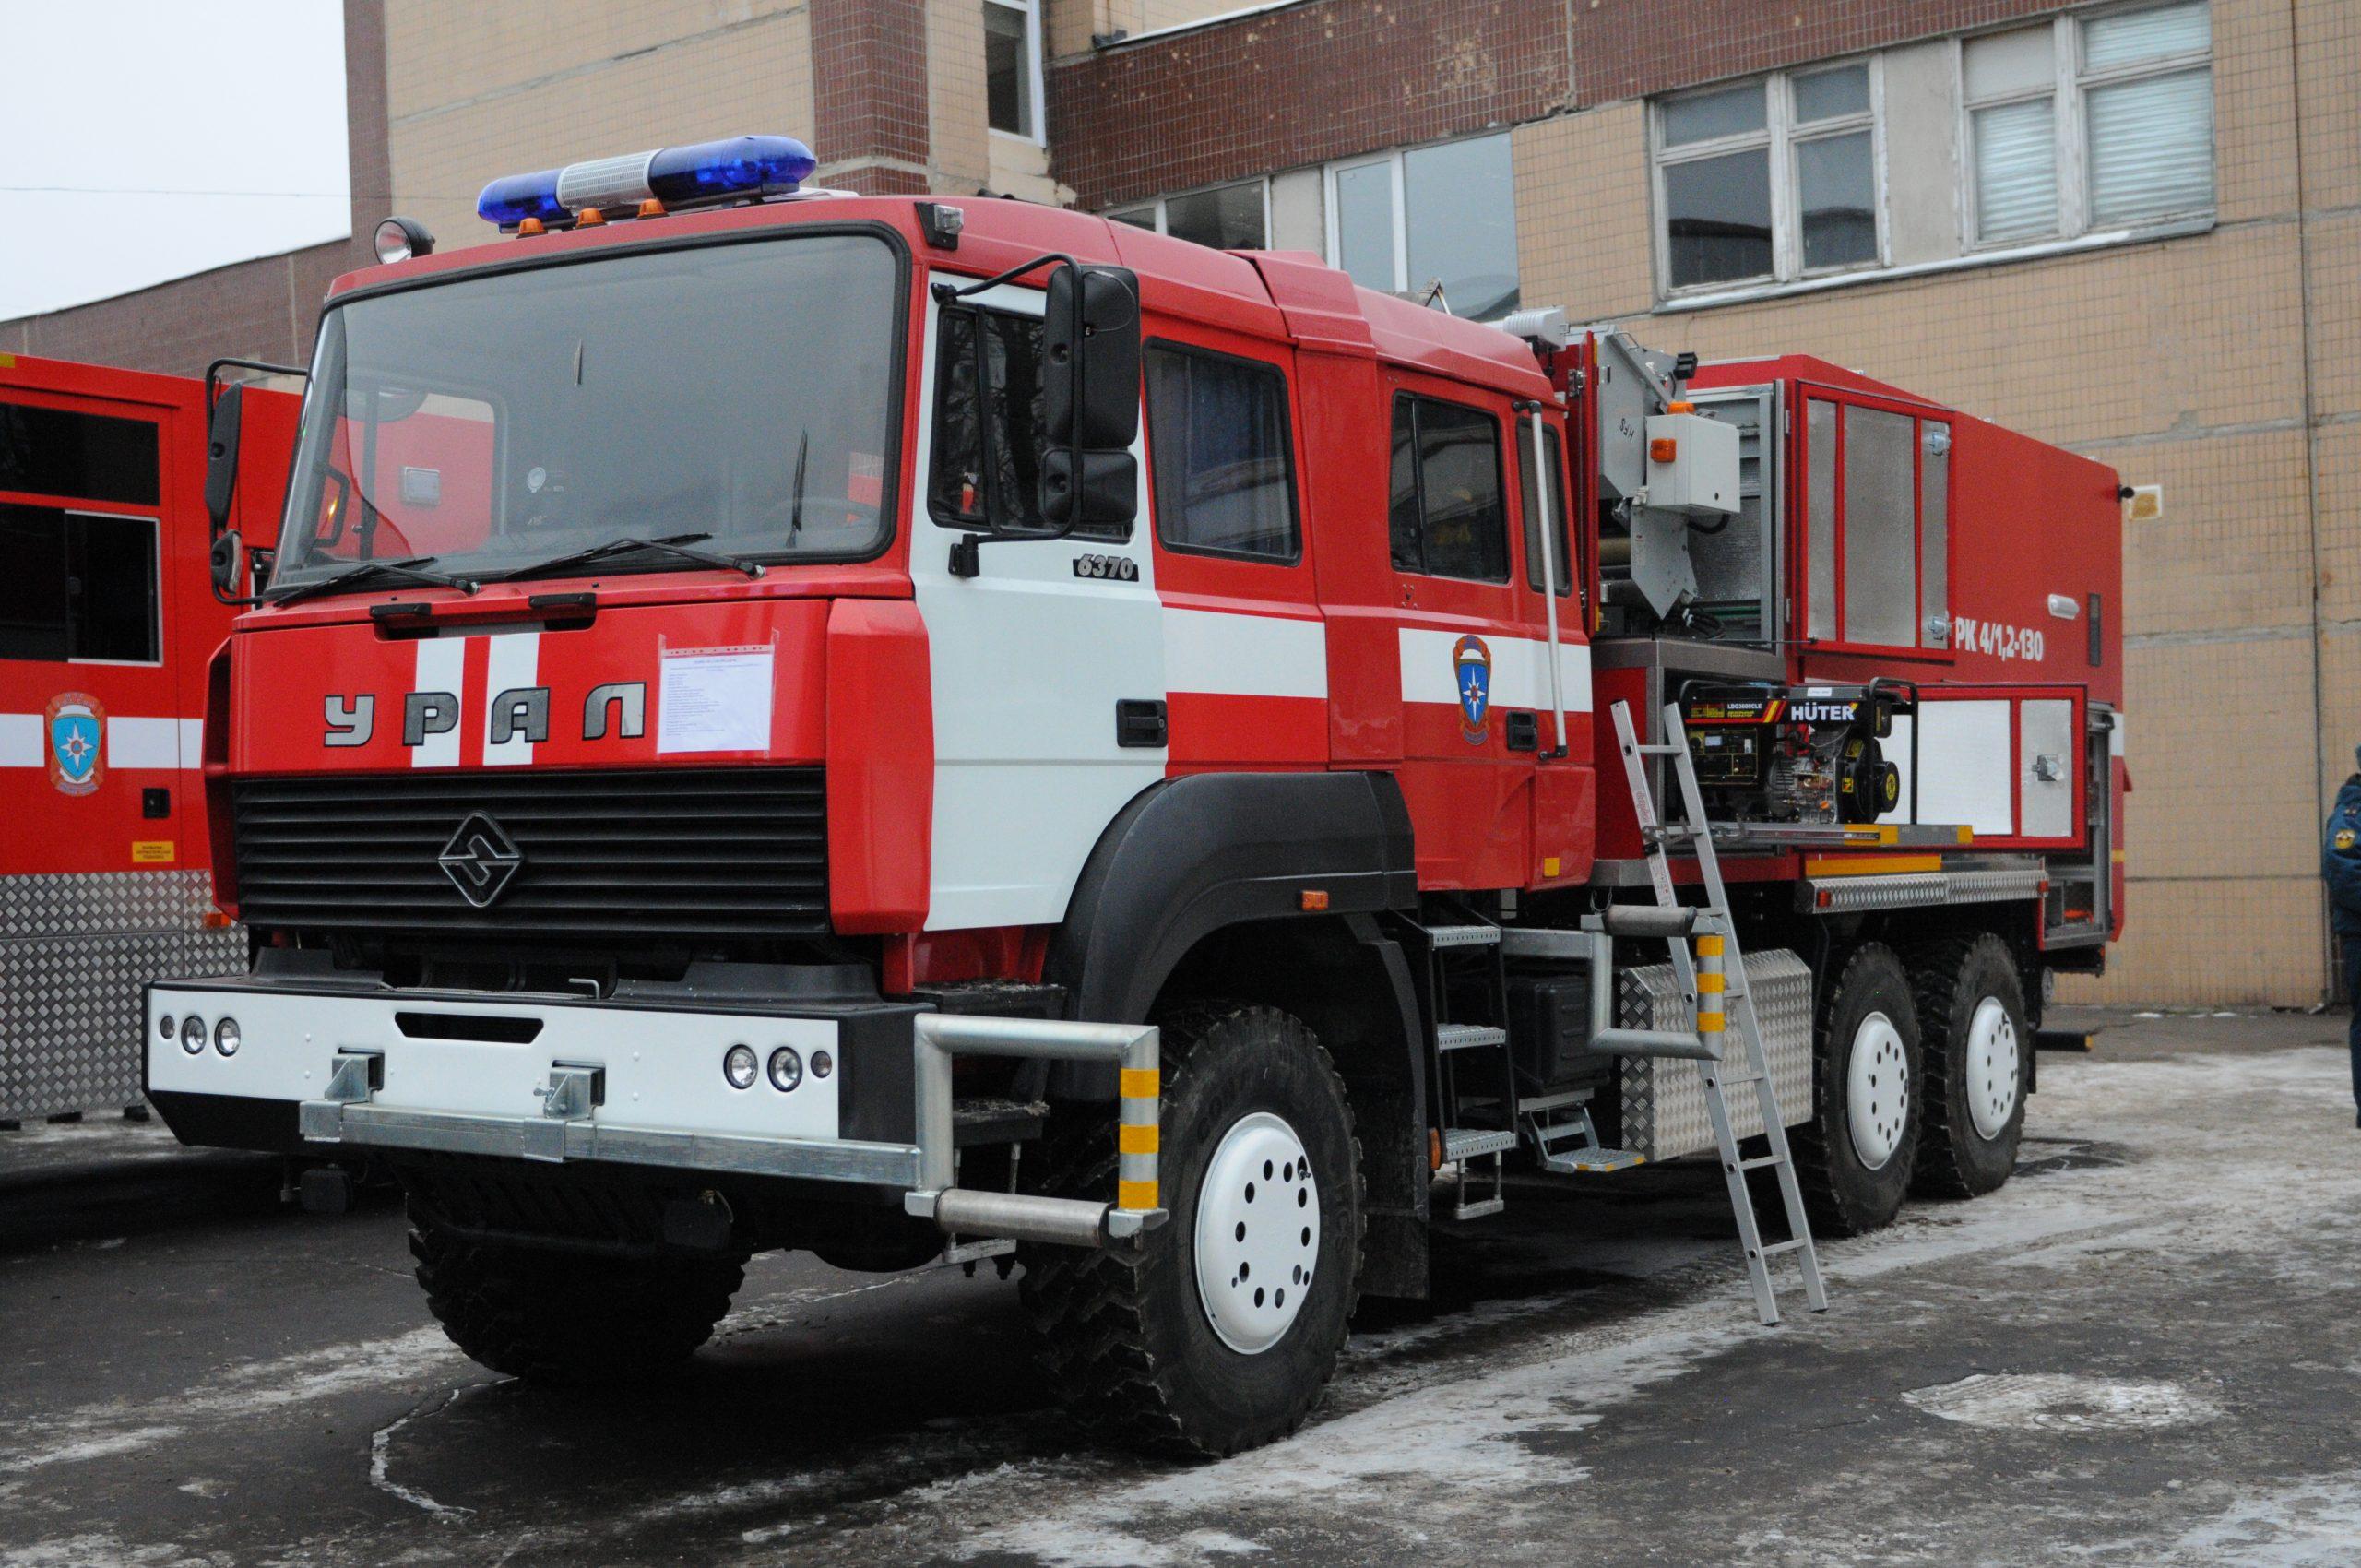 Пожарные депо возведут в Новой Москве. Фото: Игорь Ивандиков, «Вечерняя Москва»